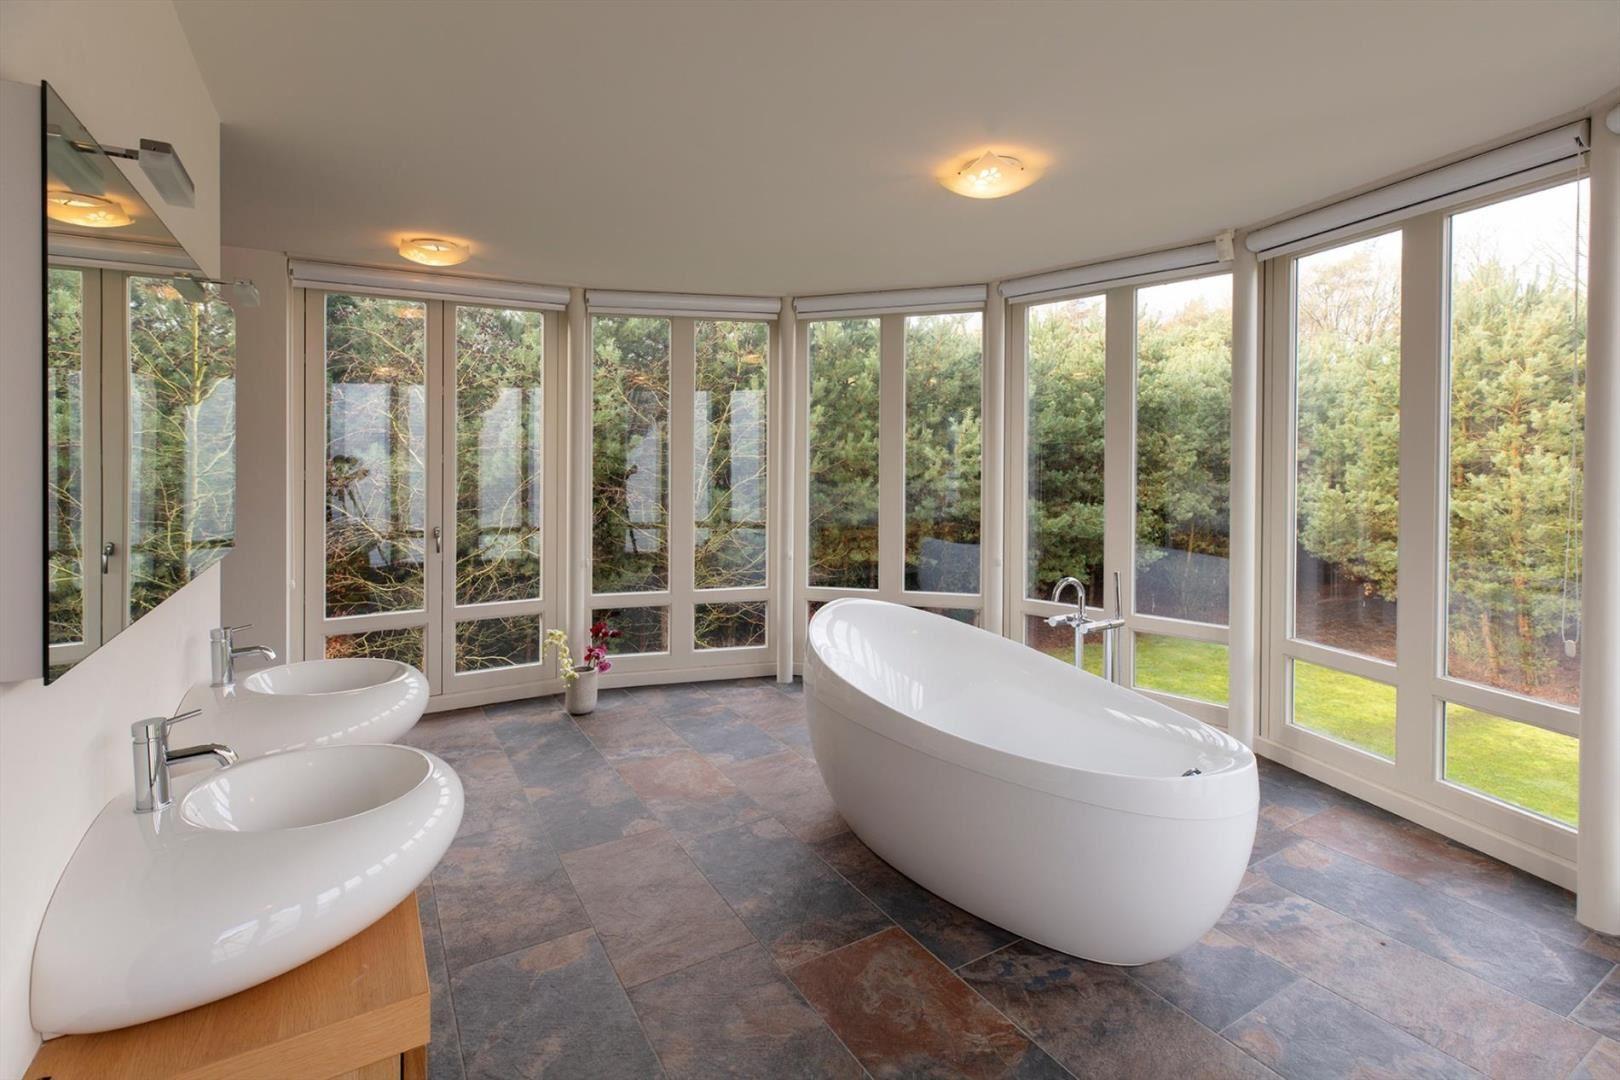 badkamer villa